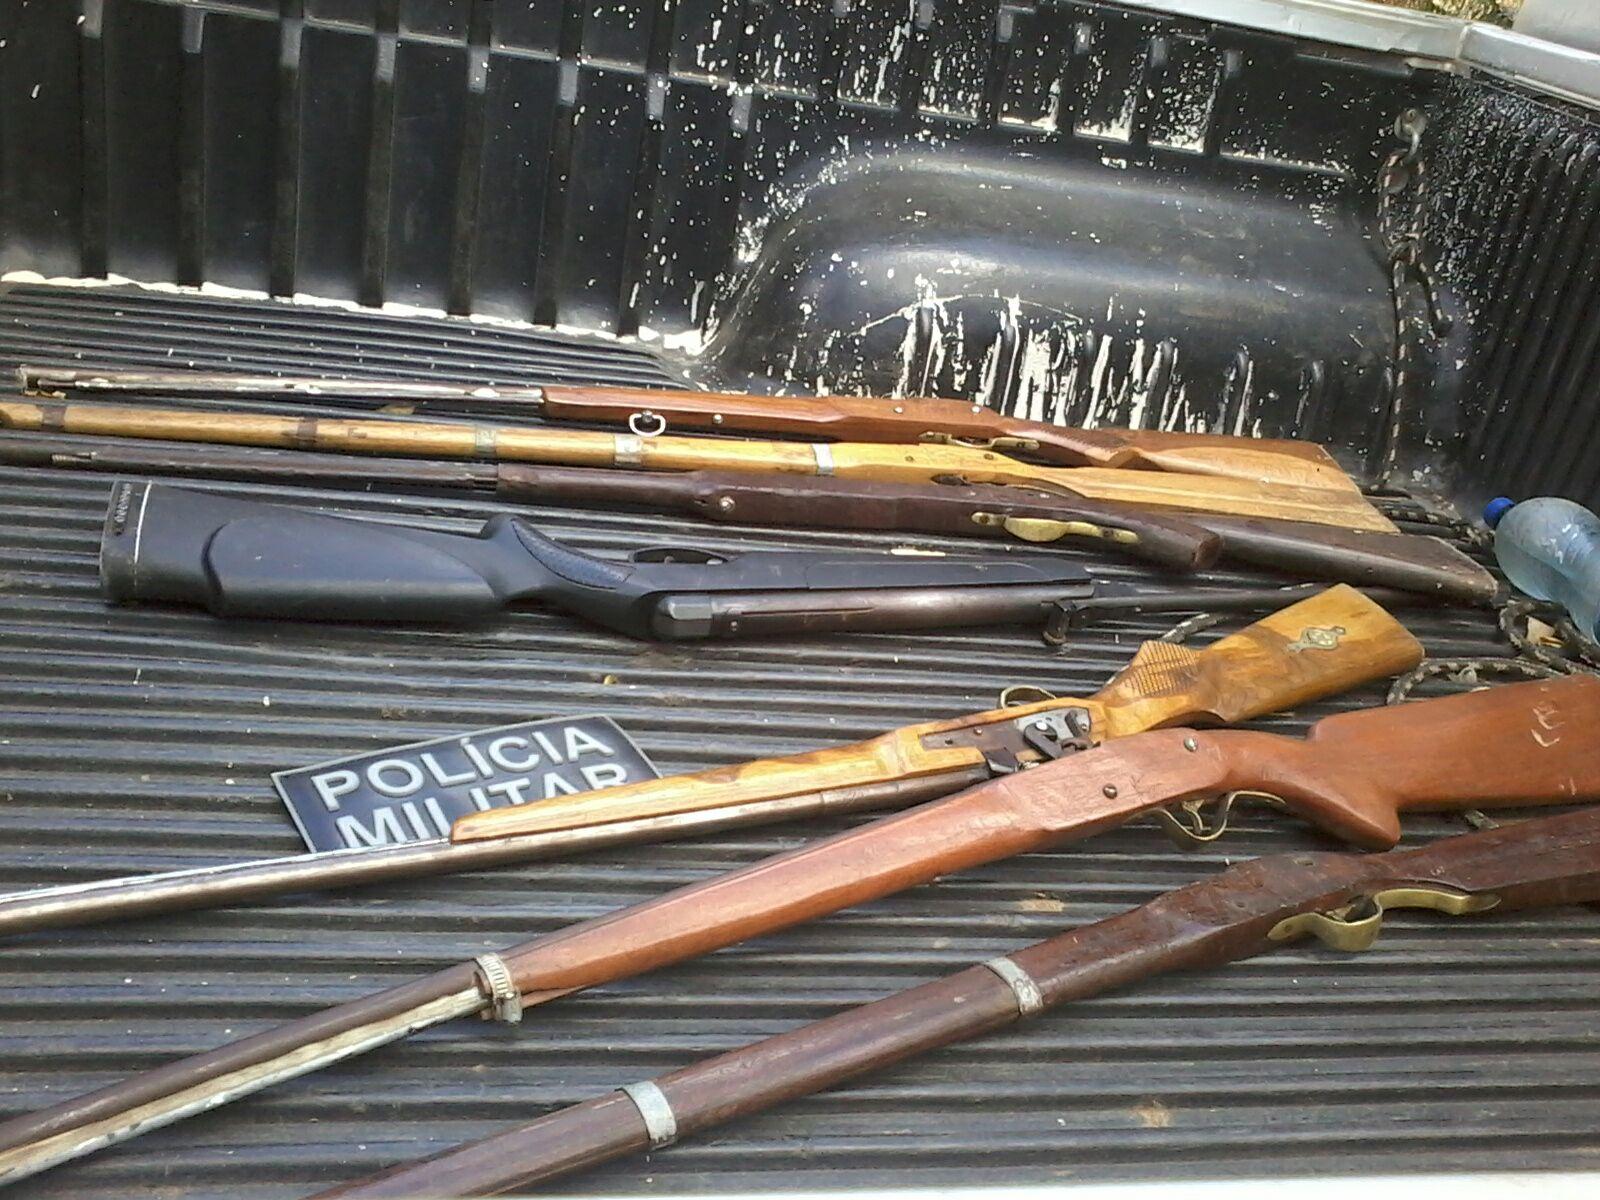 Na manhã desse domingo (30), na localidade de Sítio Baixio das Palmeiras, foram apreendidas seis espingardas artesanais (Divulgação)